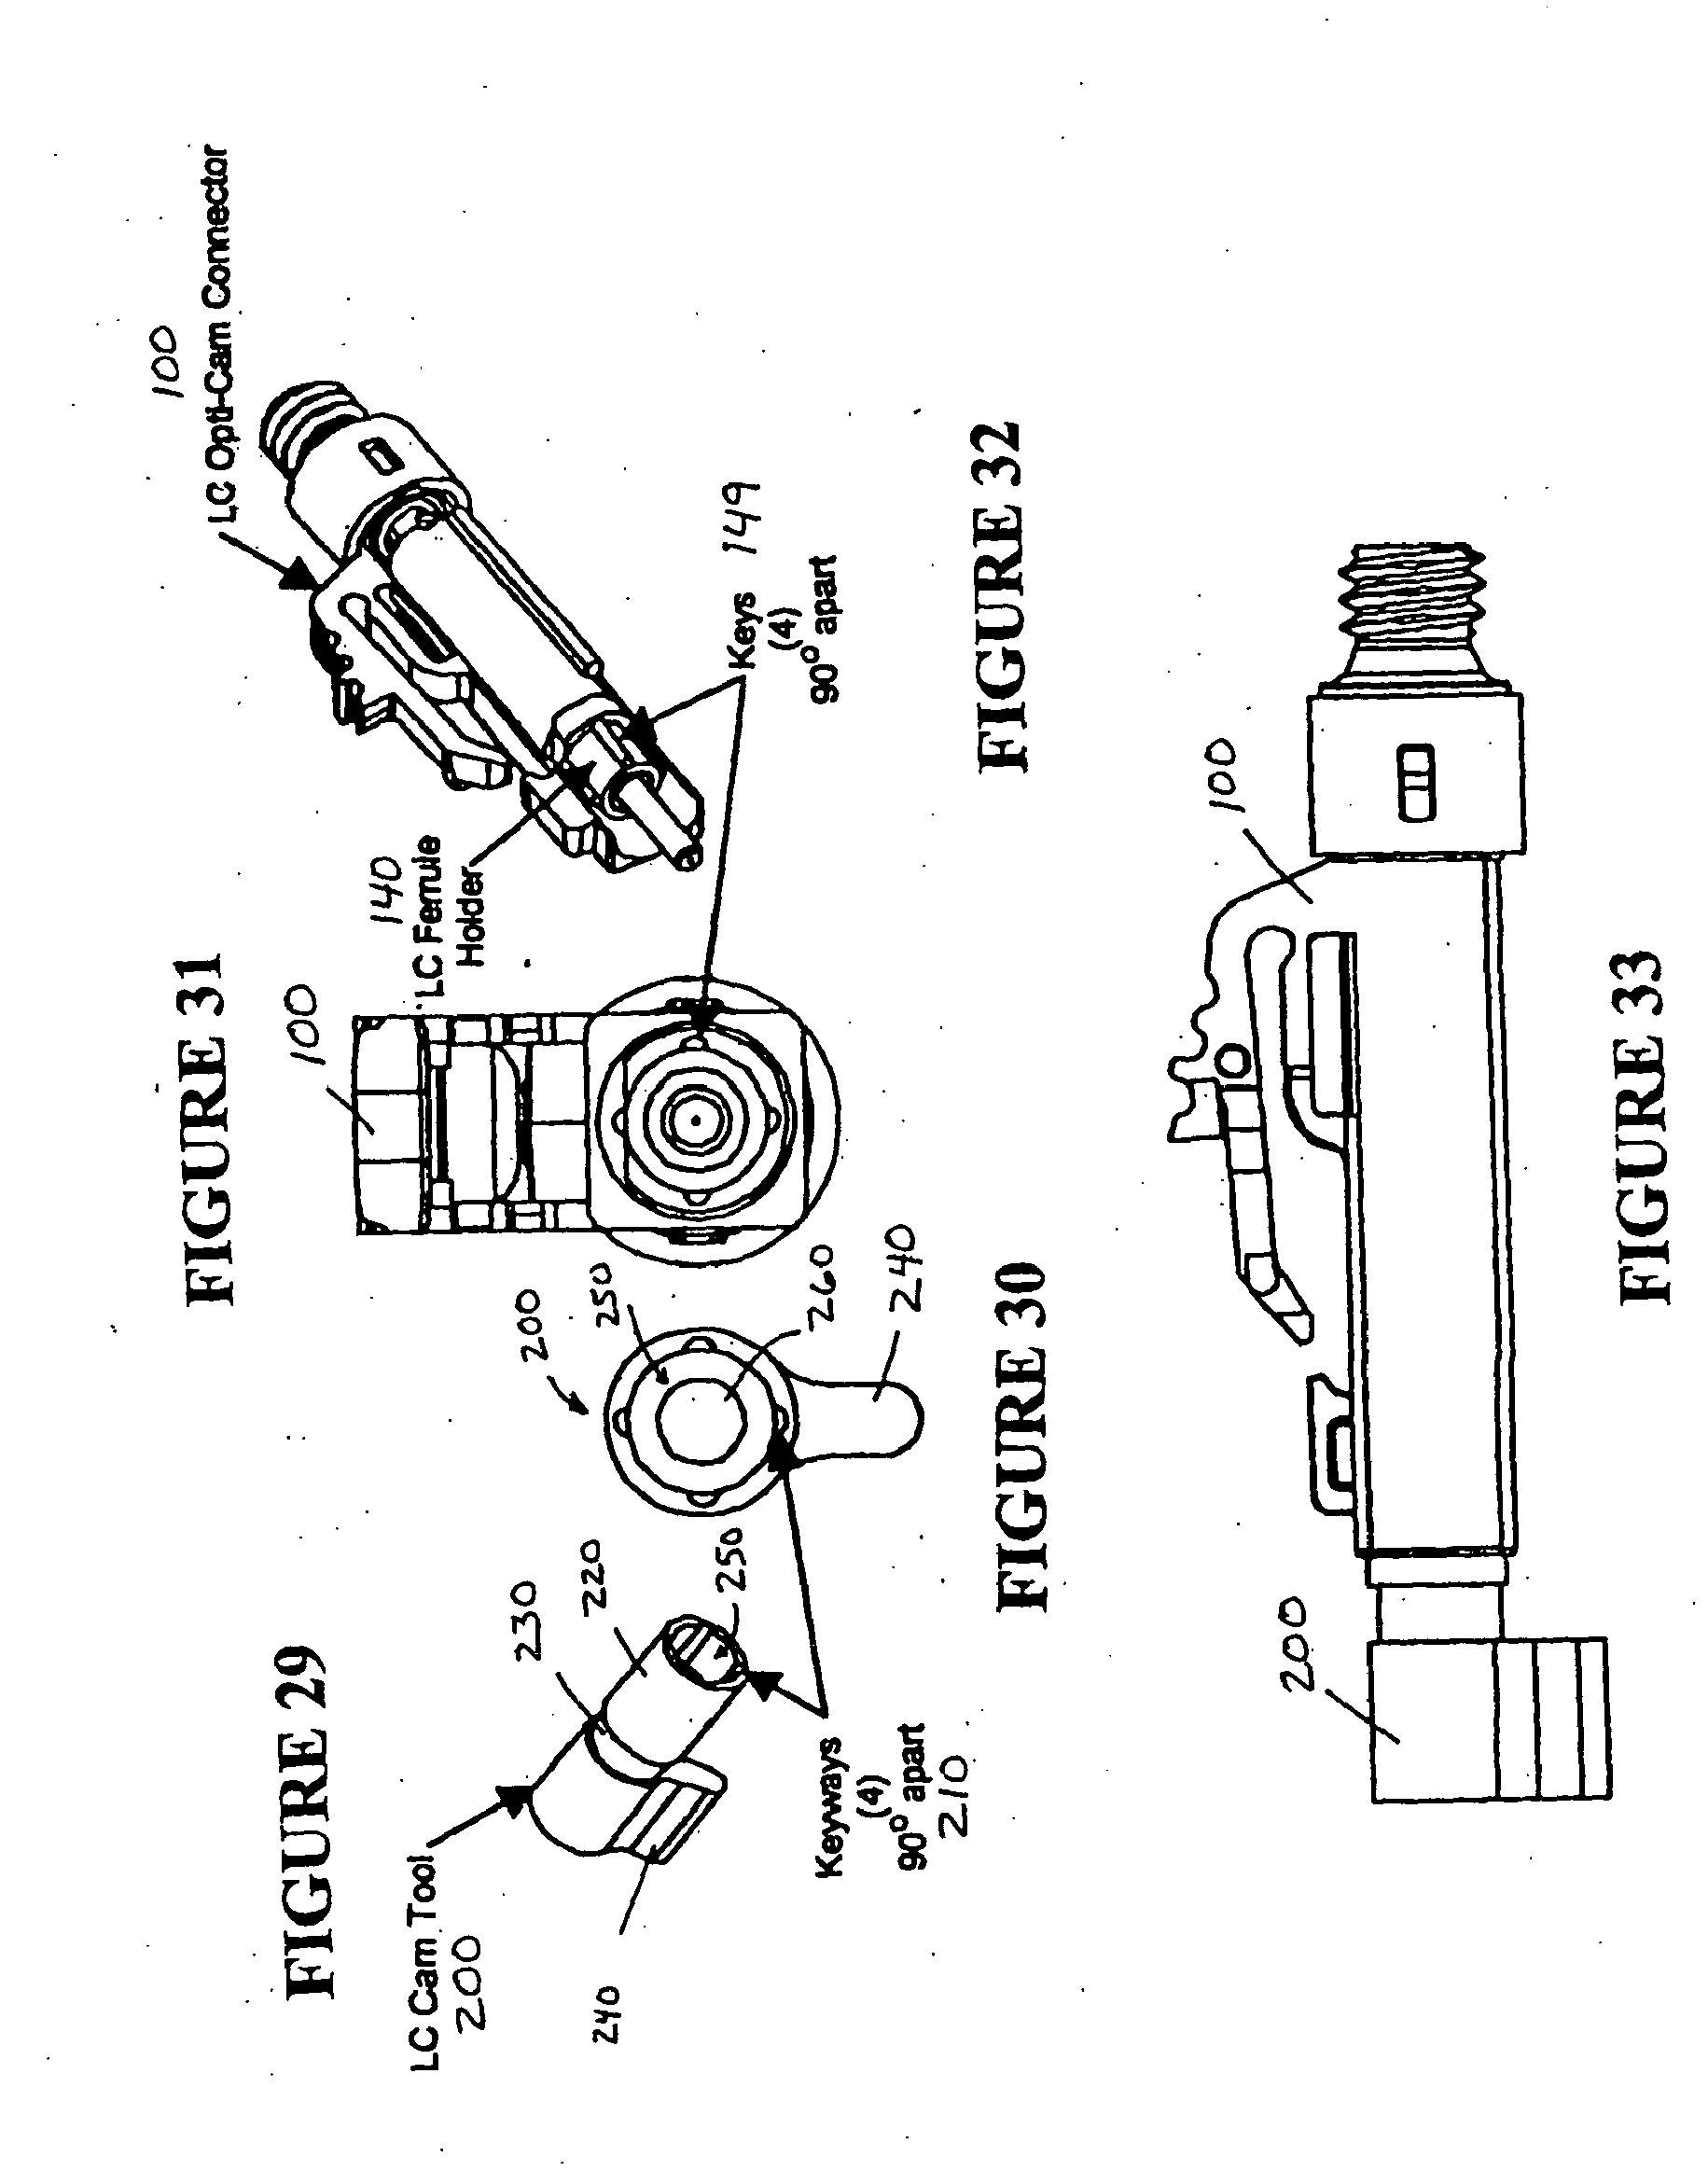 brevetto ep2259110a2